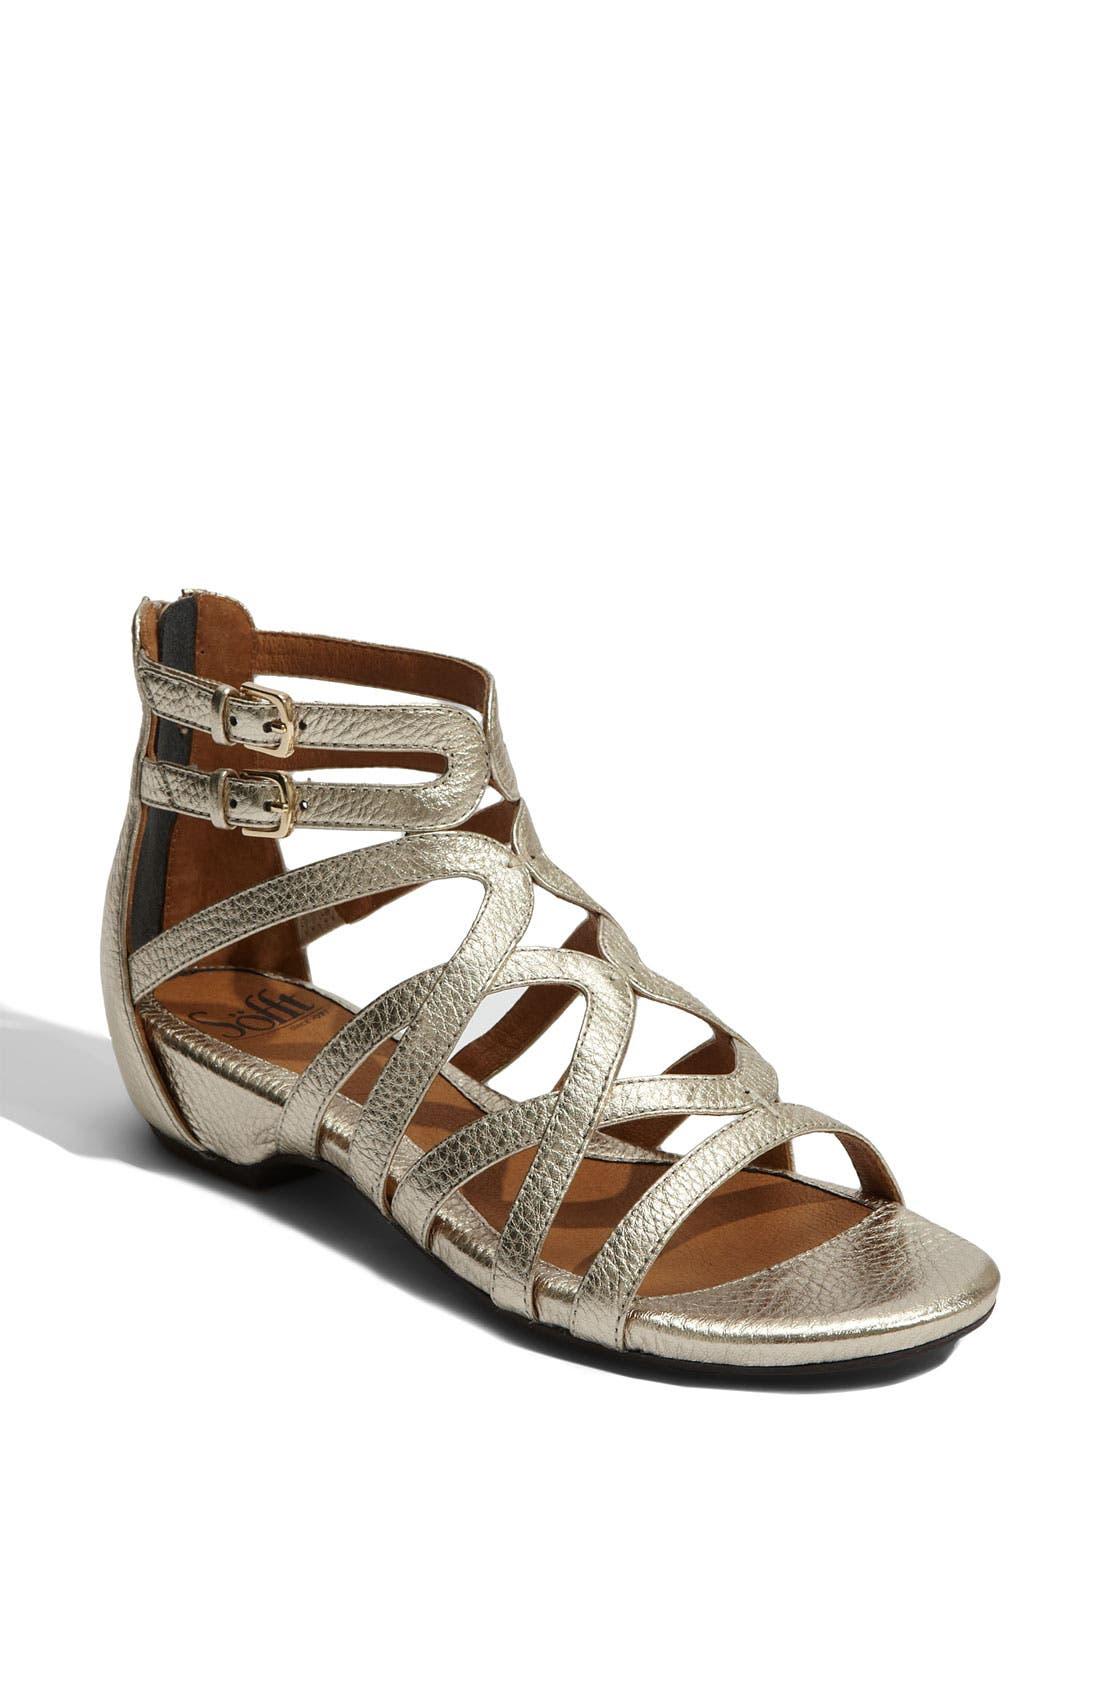 Alternate Image 1 Selected - Söfft 'Ravenna' Sandal